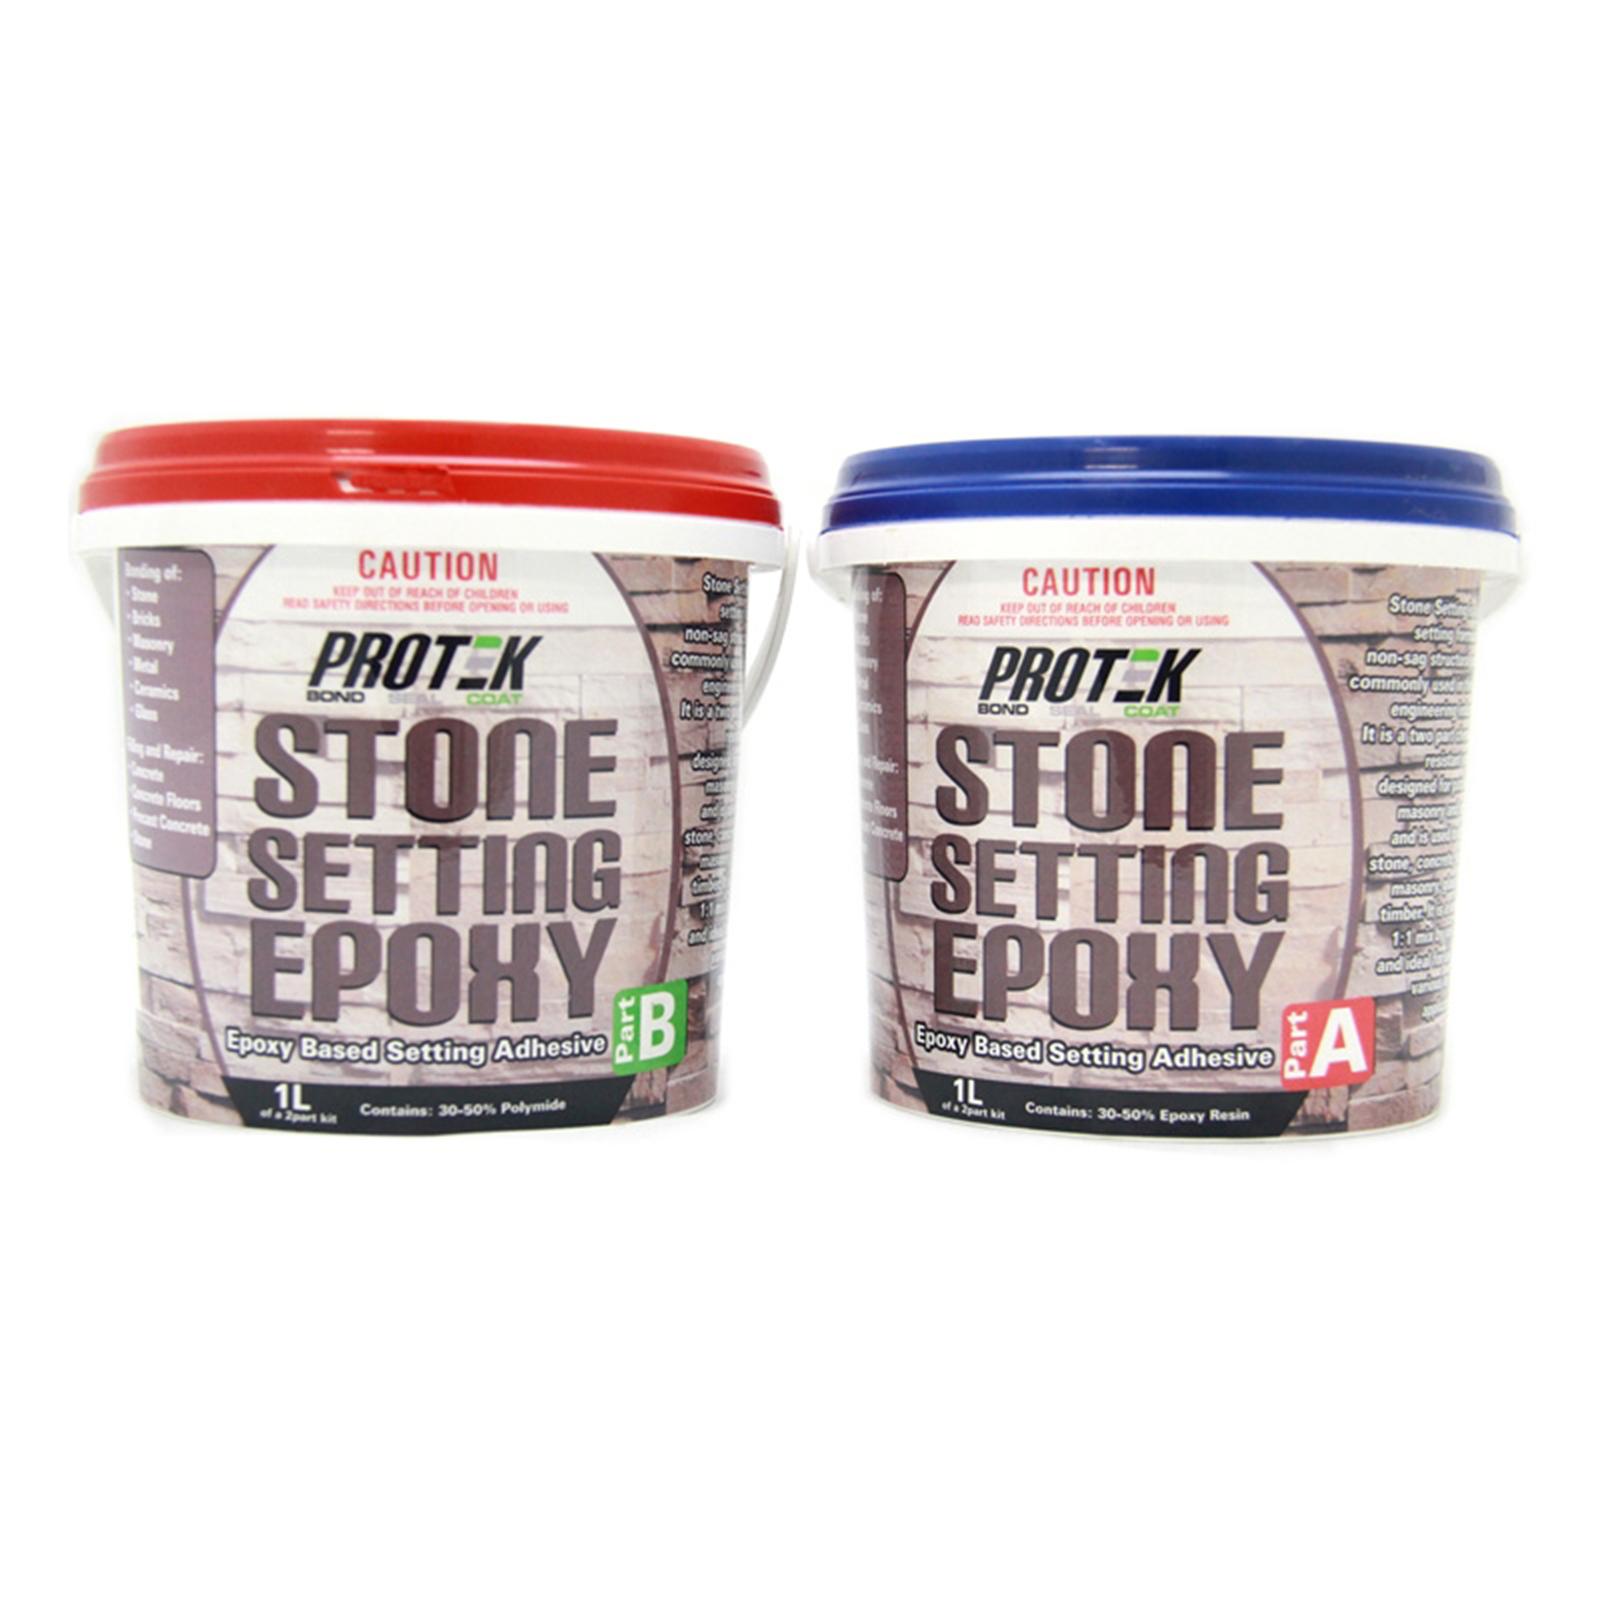 Protek 2L Stone Setting Epoxy Adhesive Kit